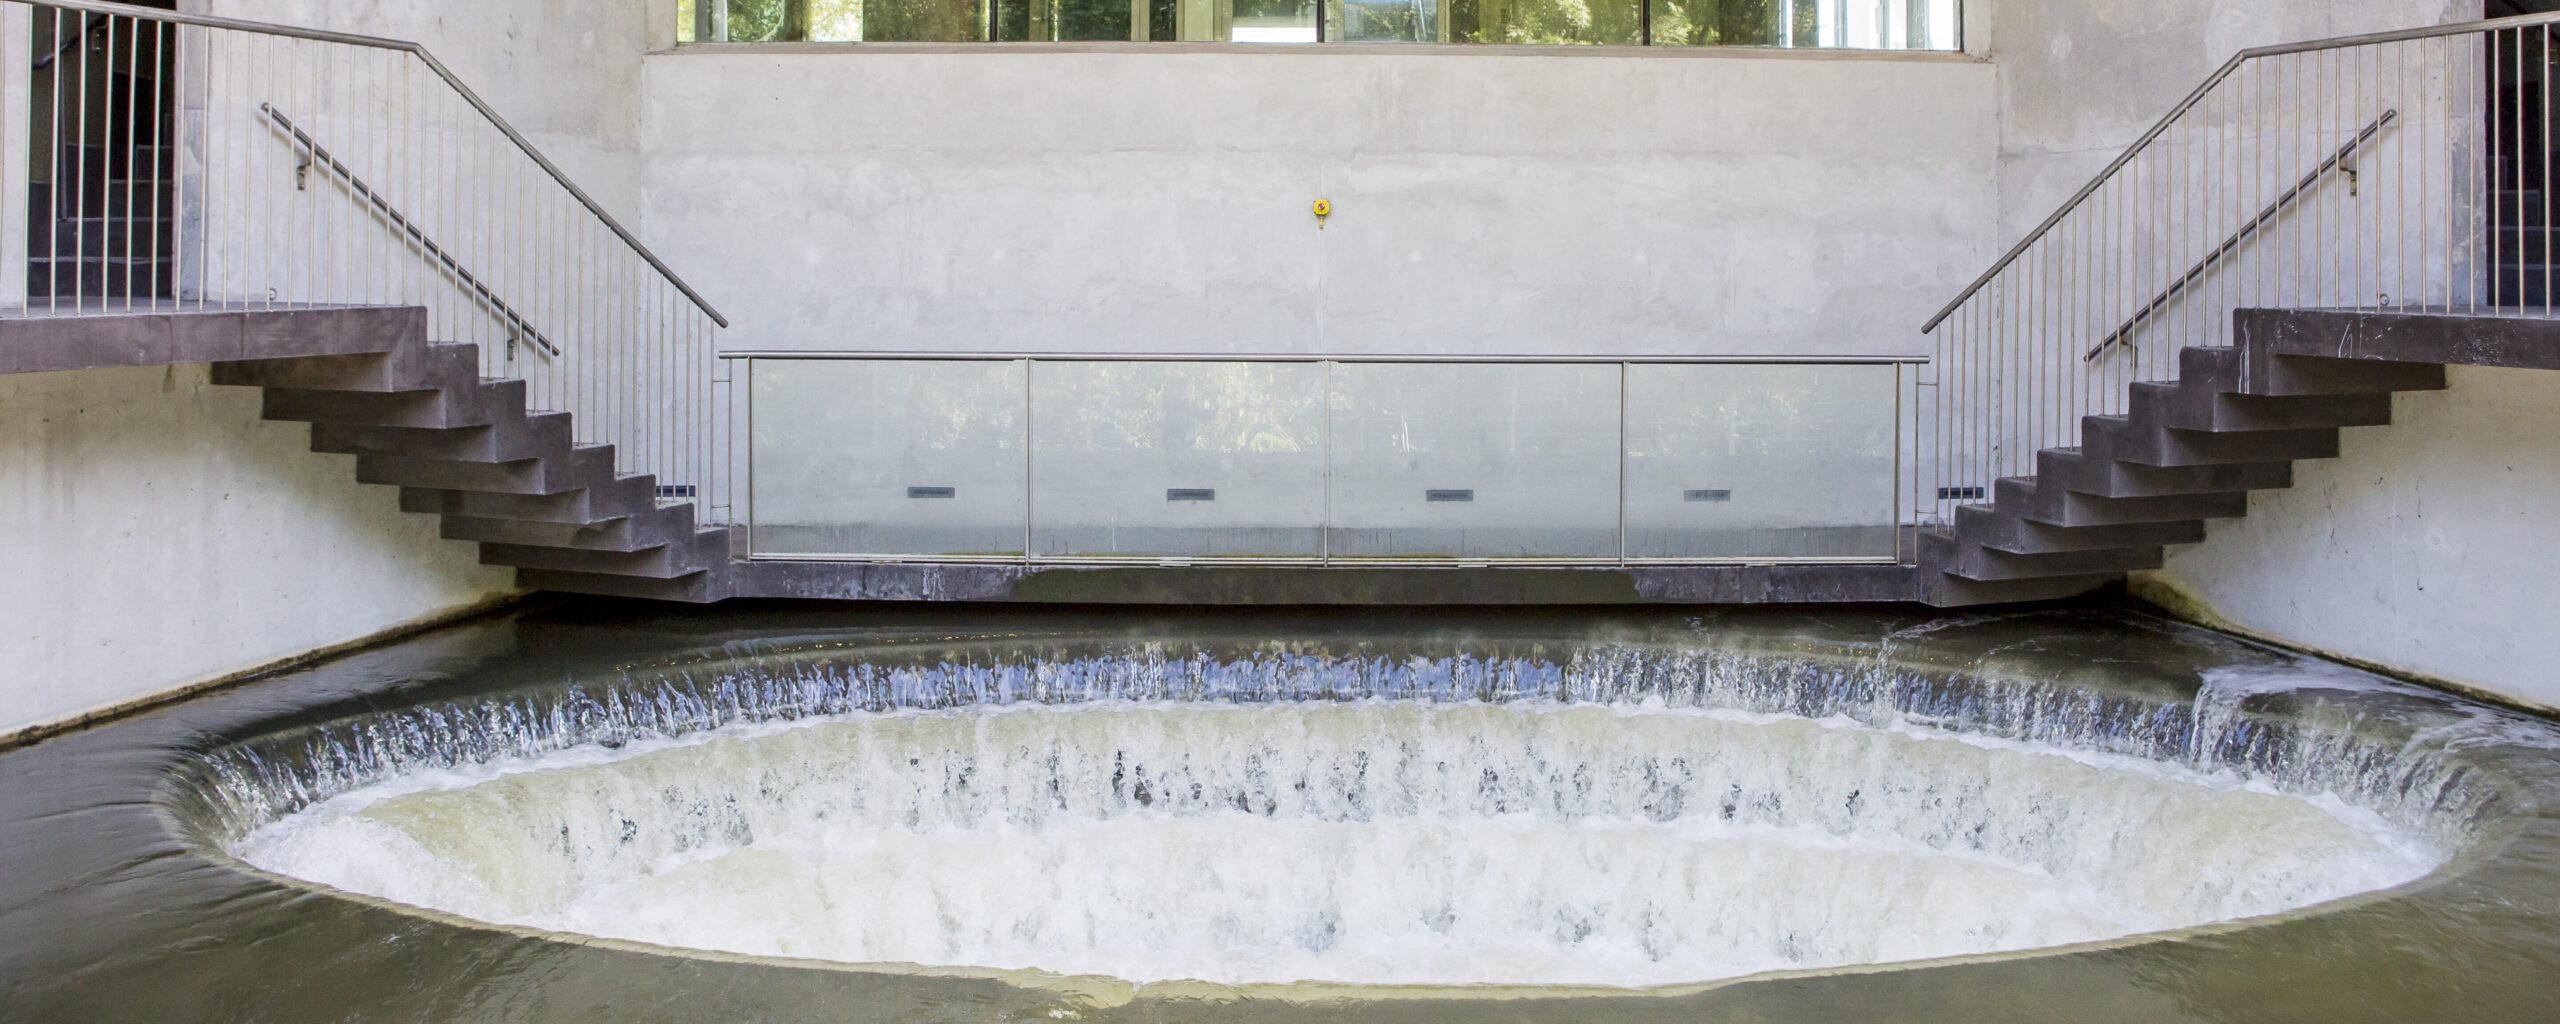 http://Gryaabs%20vattensnäcka%20för%20utgående%20renat%20avloppsvatten